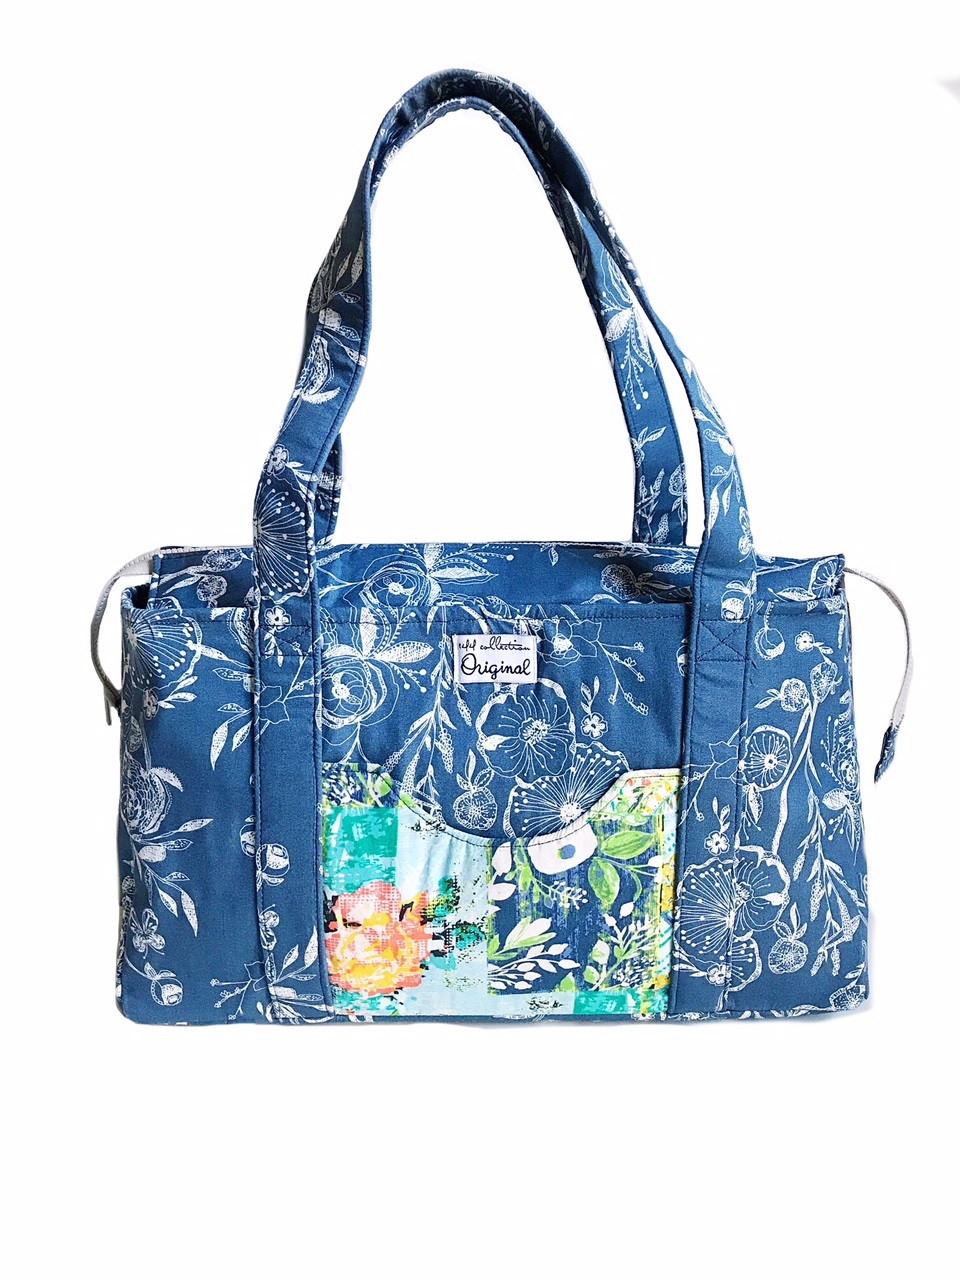 mother's day gift ideas - shoulder bag